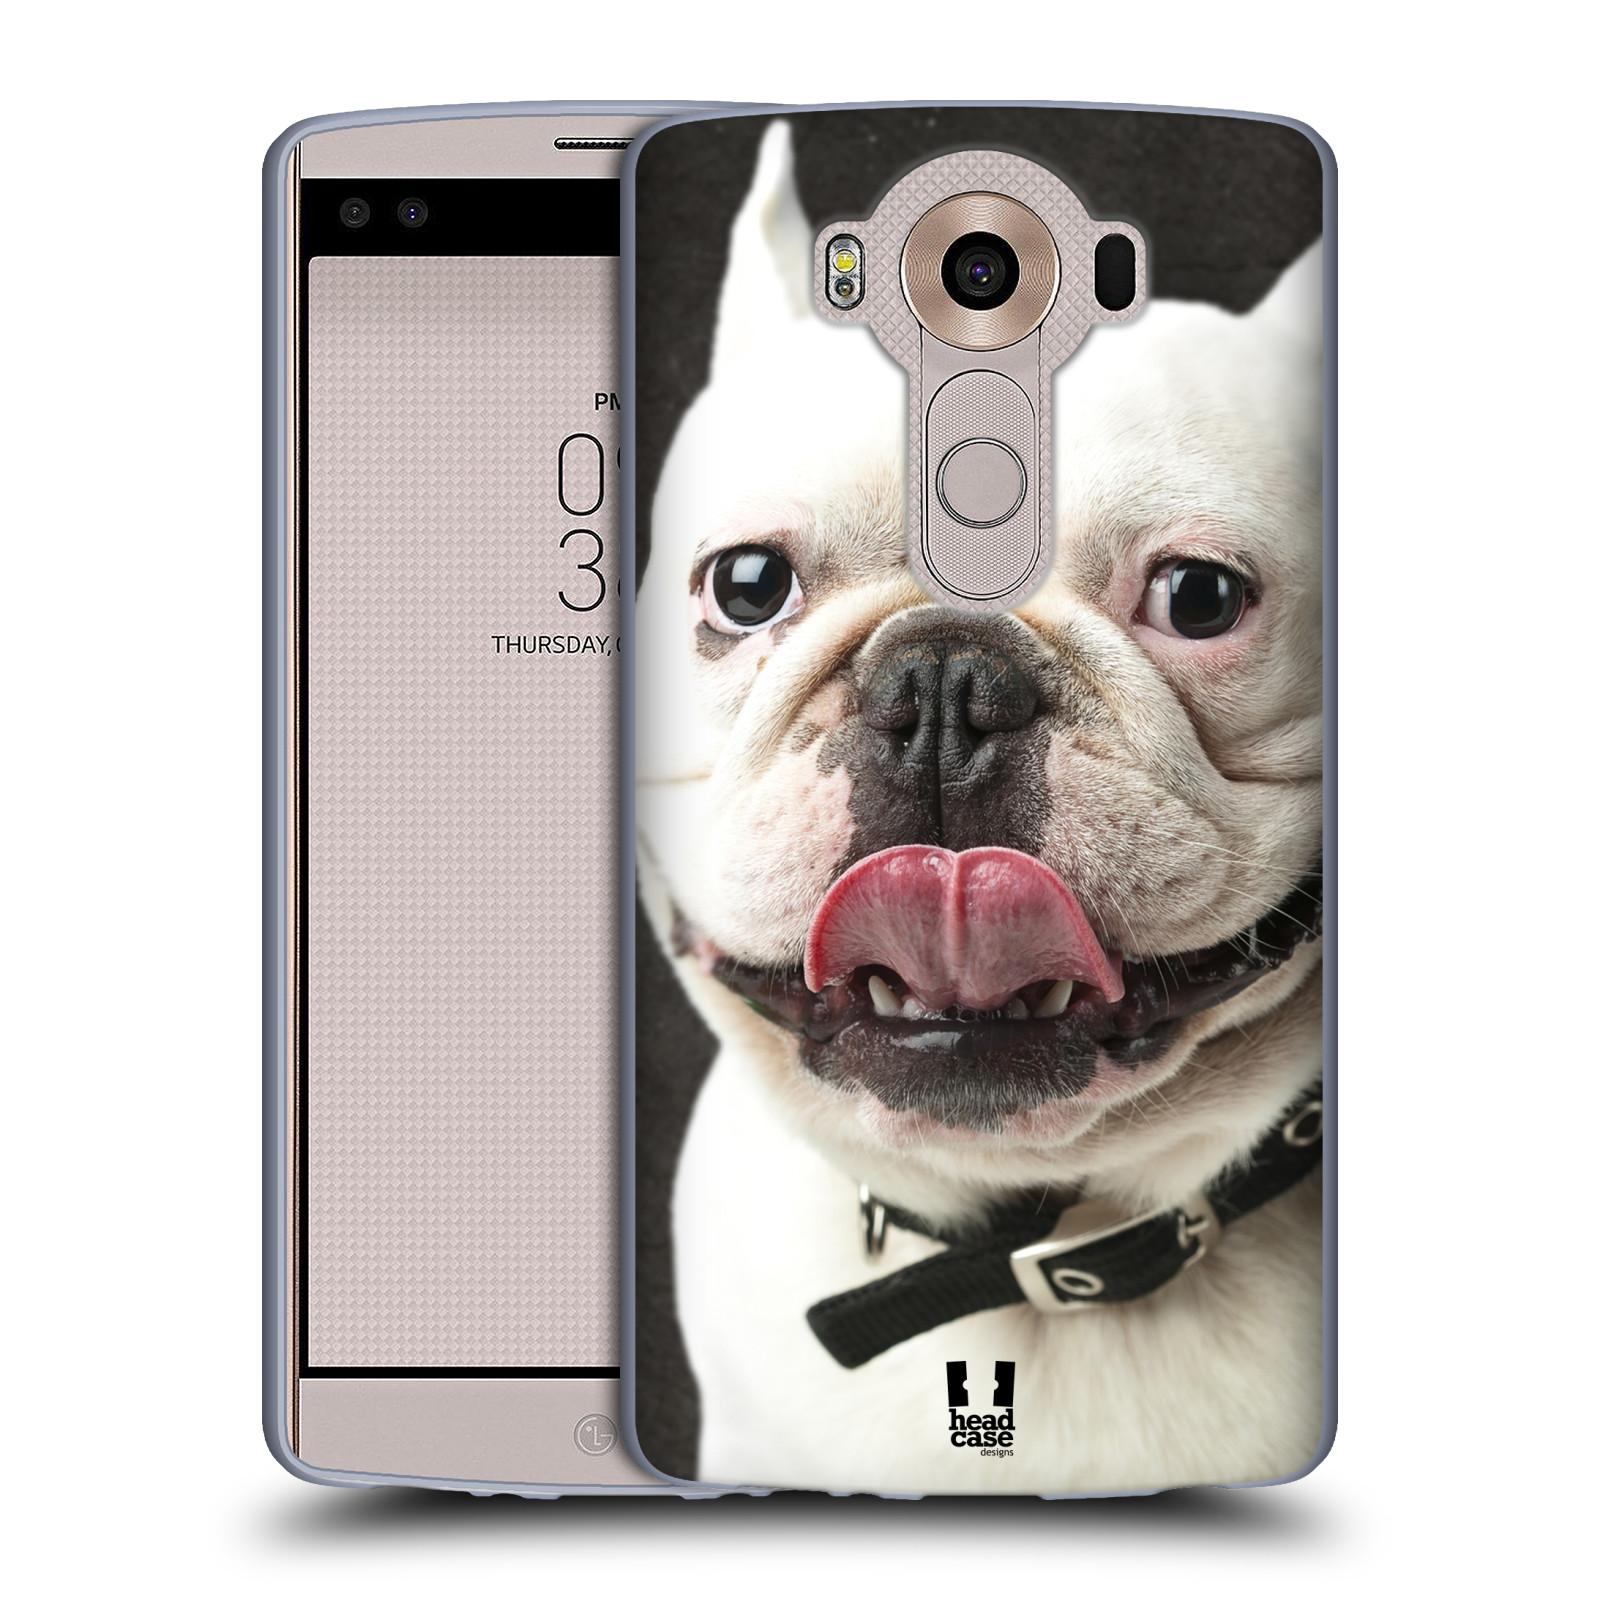 HEAD CASE silikonový obal na mobil LG V10 (H960A) vzor Legrační zvířátka pejsek s vyplazeným jazykem BULDOK